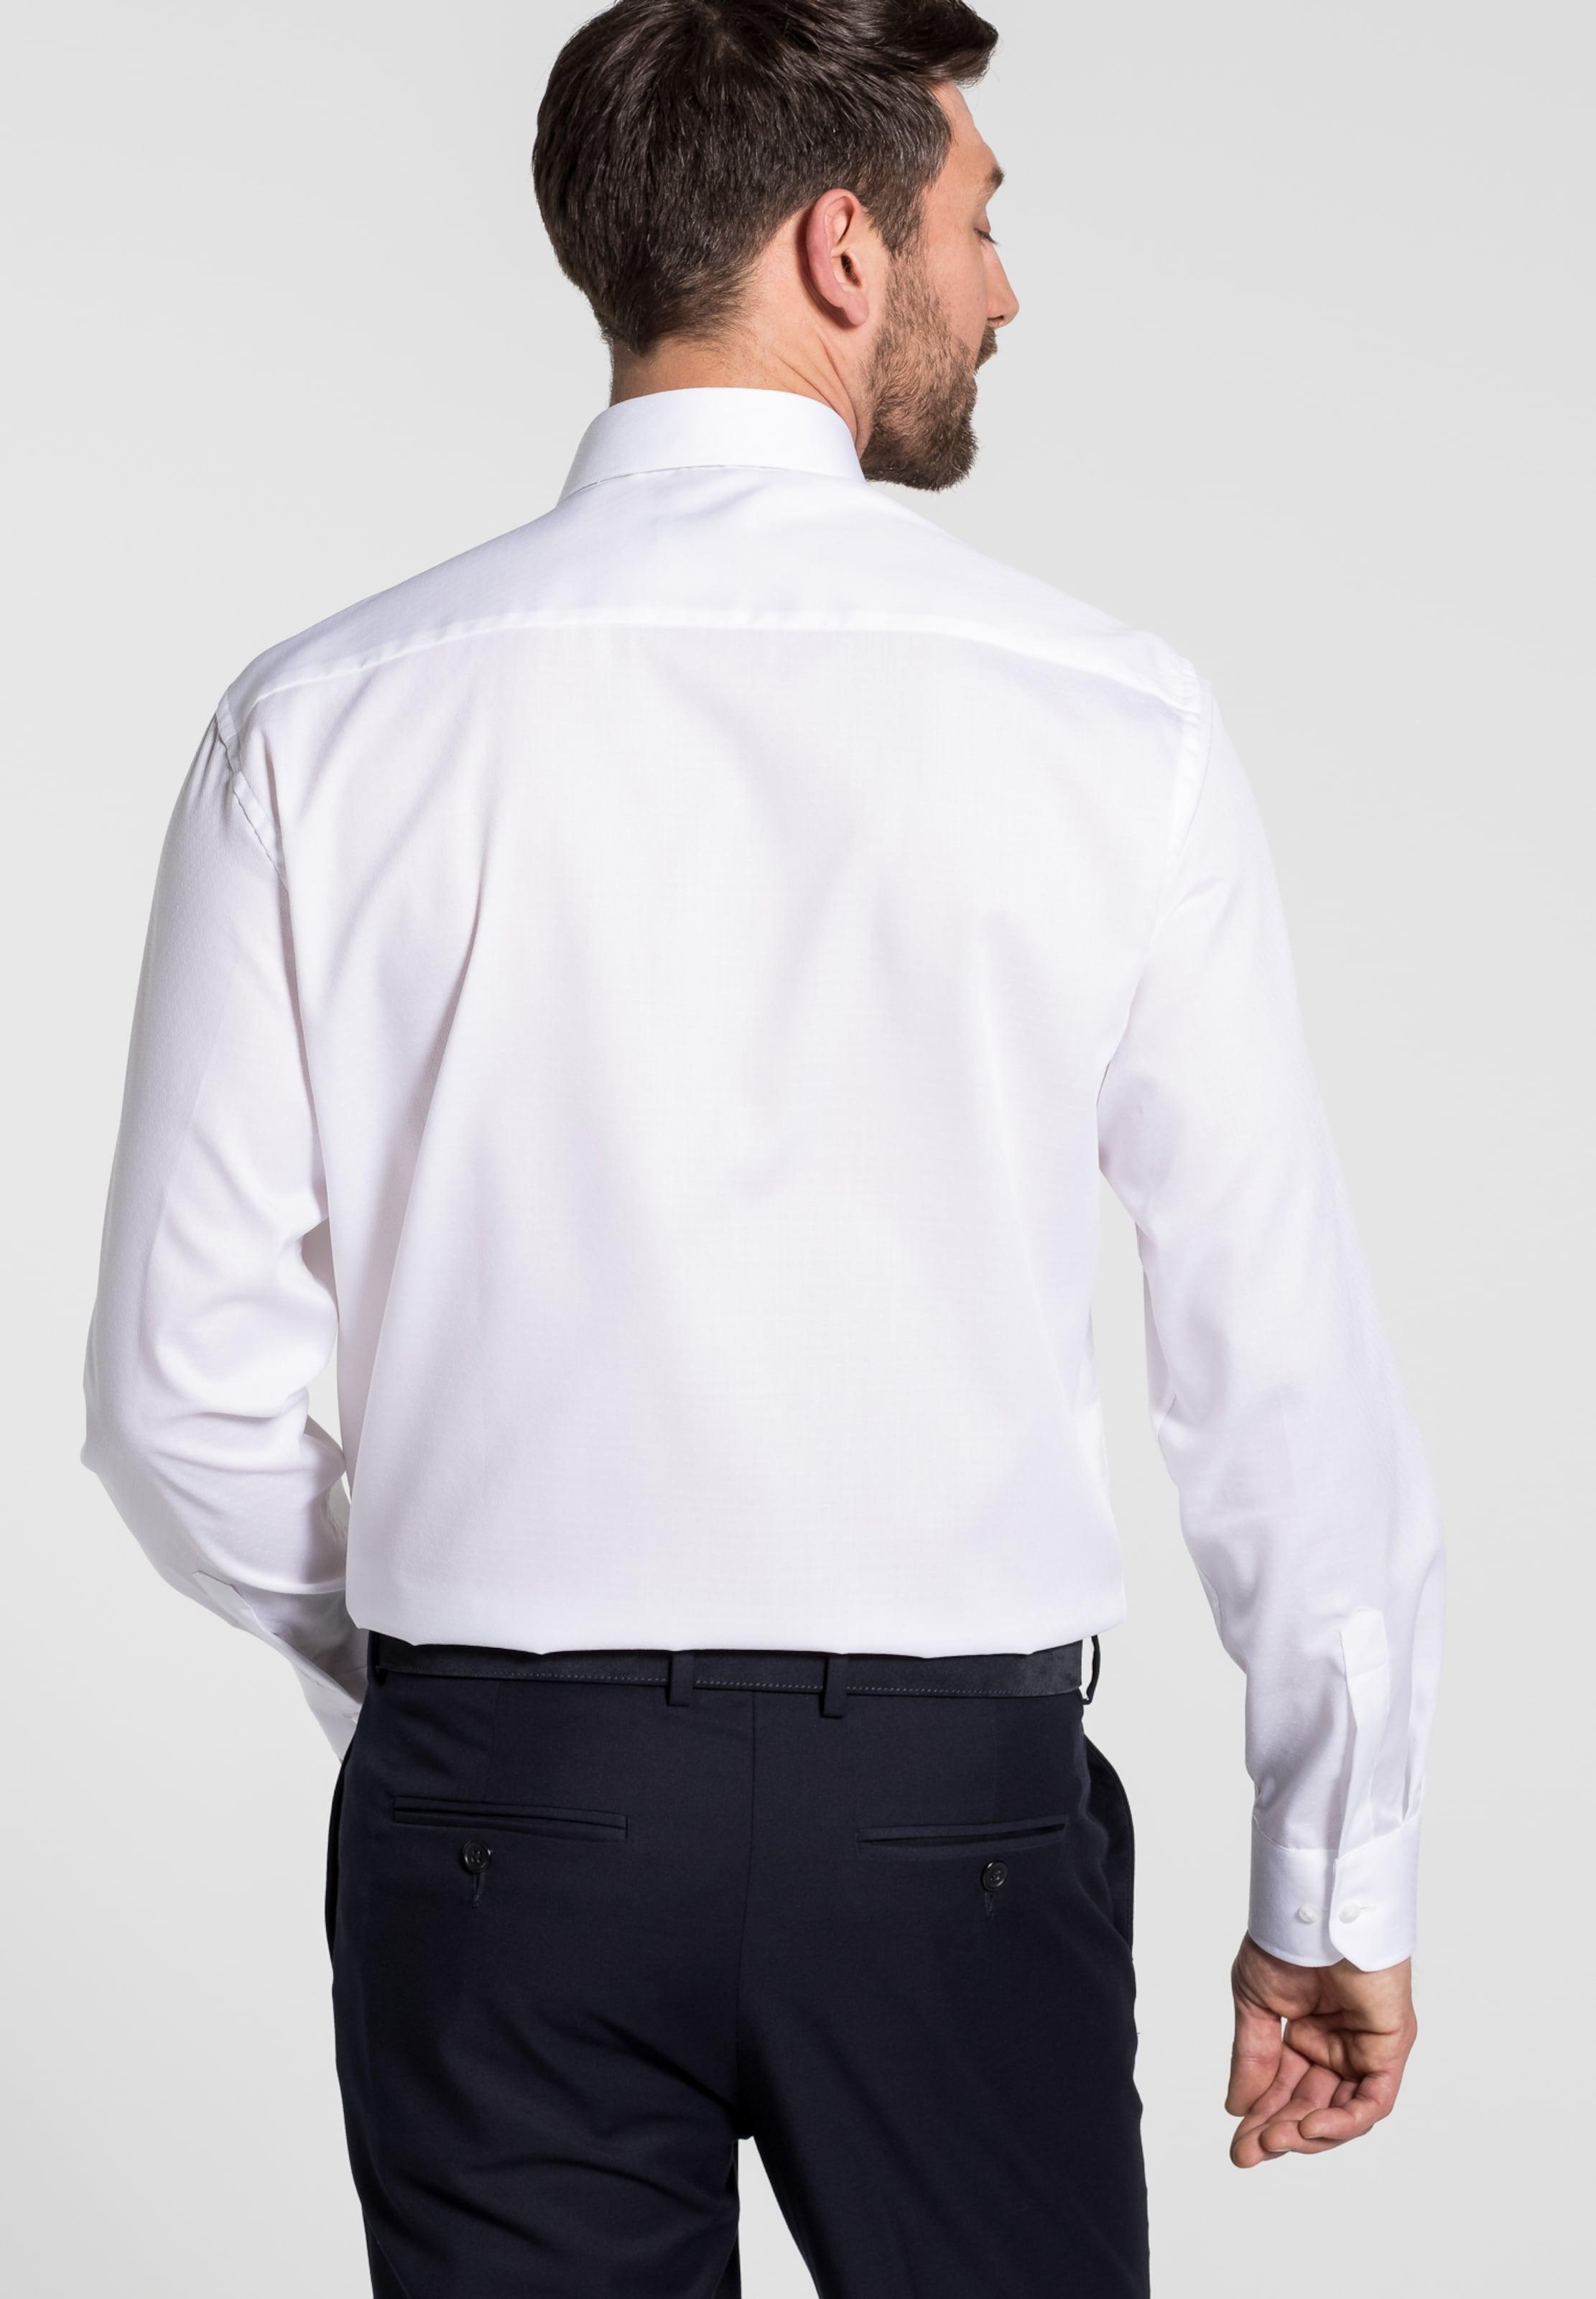 ETERNA Langarm Hemd COMFORT FIT Webseite Günstiger Preis Auslass 100% Authentisch Sexy Sport Mit Paypal Bezahlen rAjo7O6s0